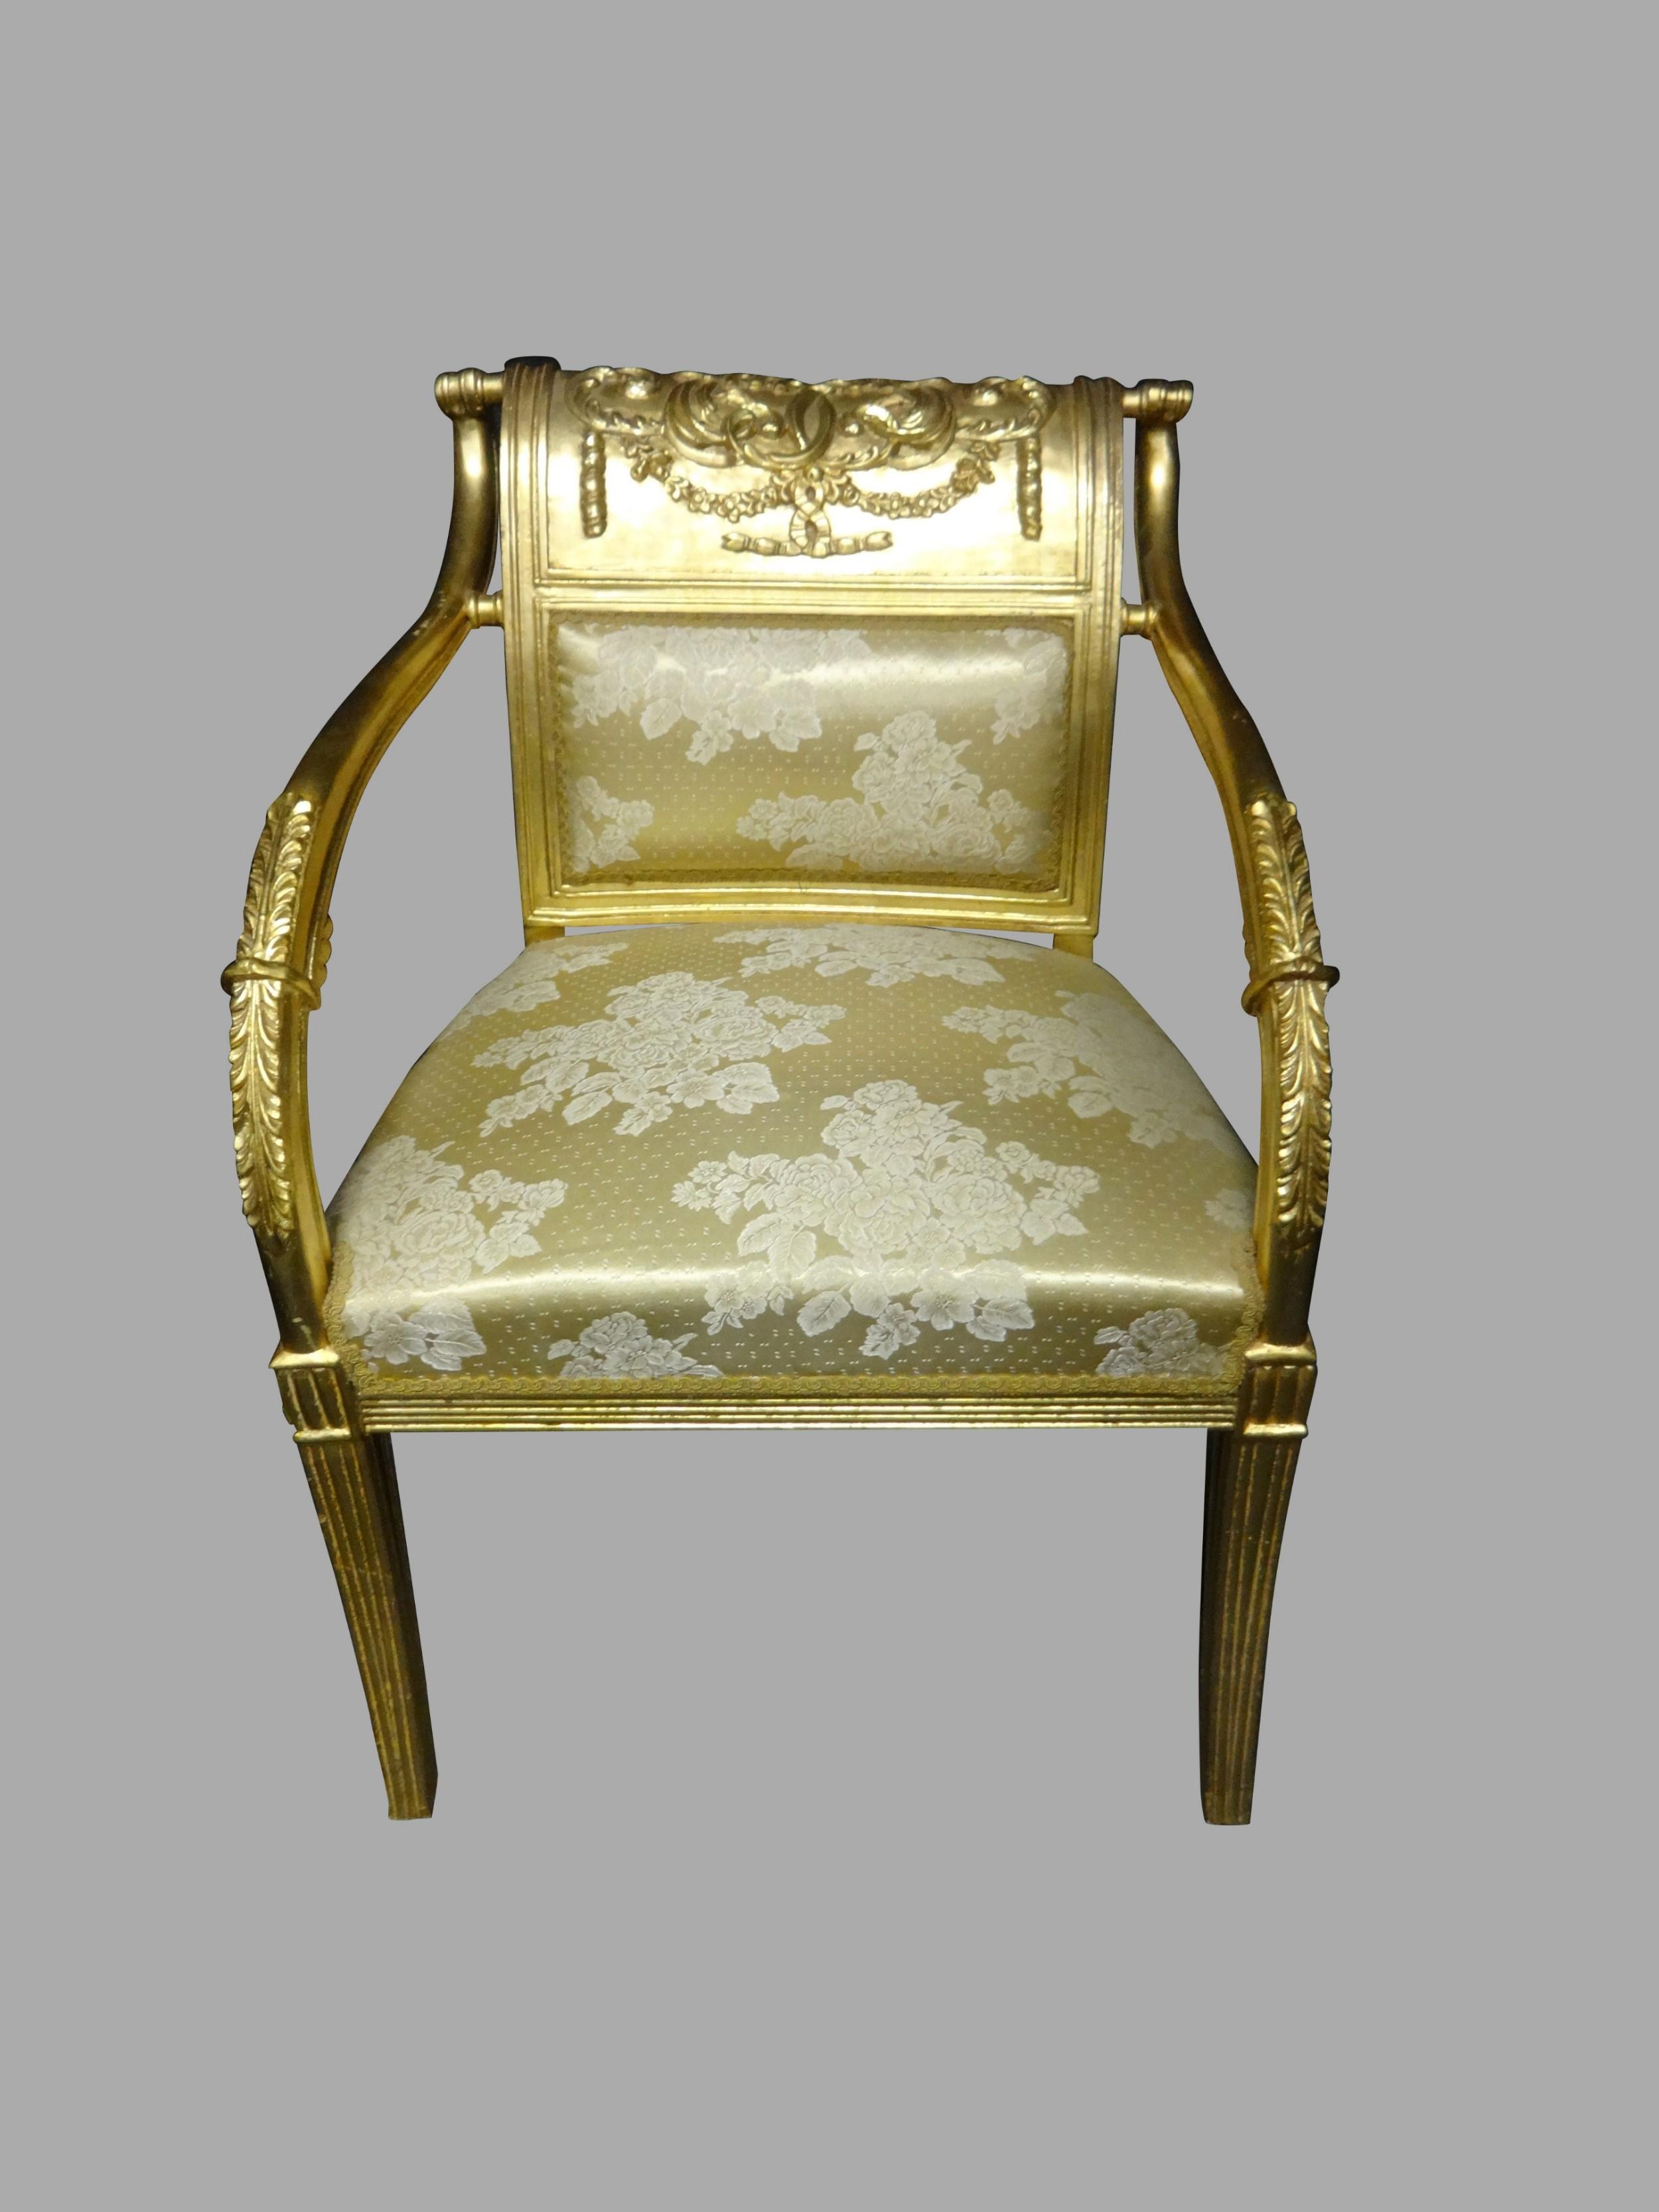 lovely gilt framed chair